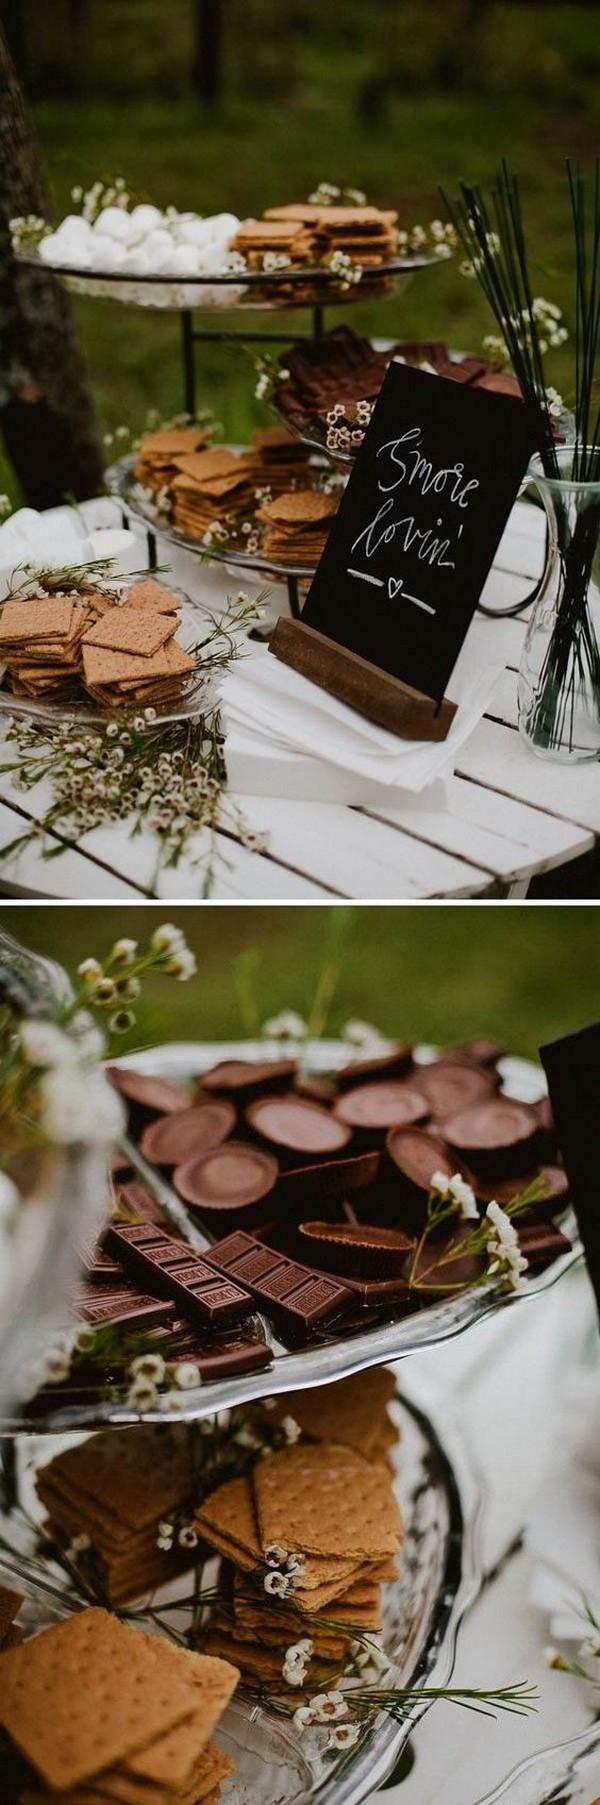 rustic chic wedding food station ideas